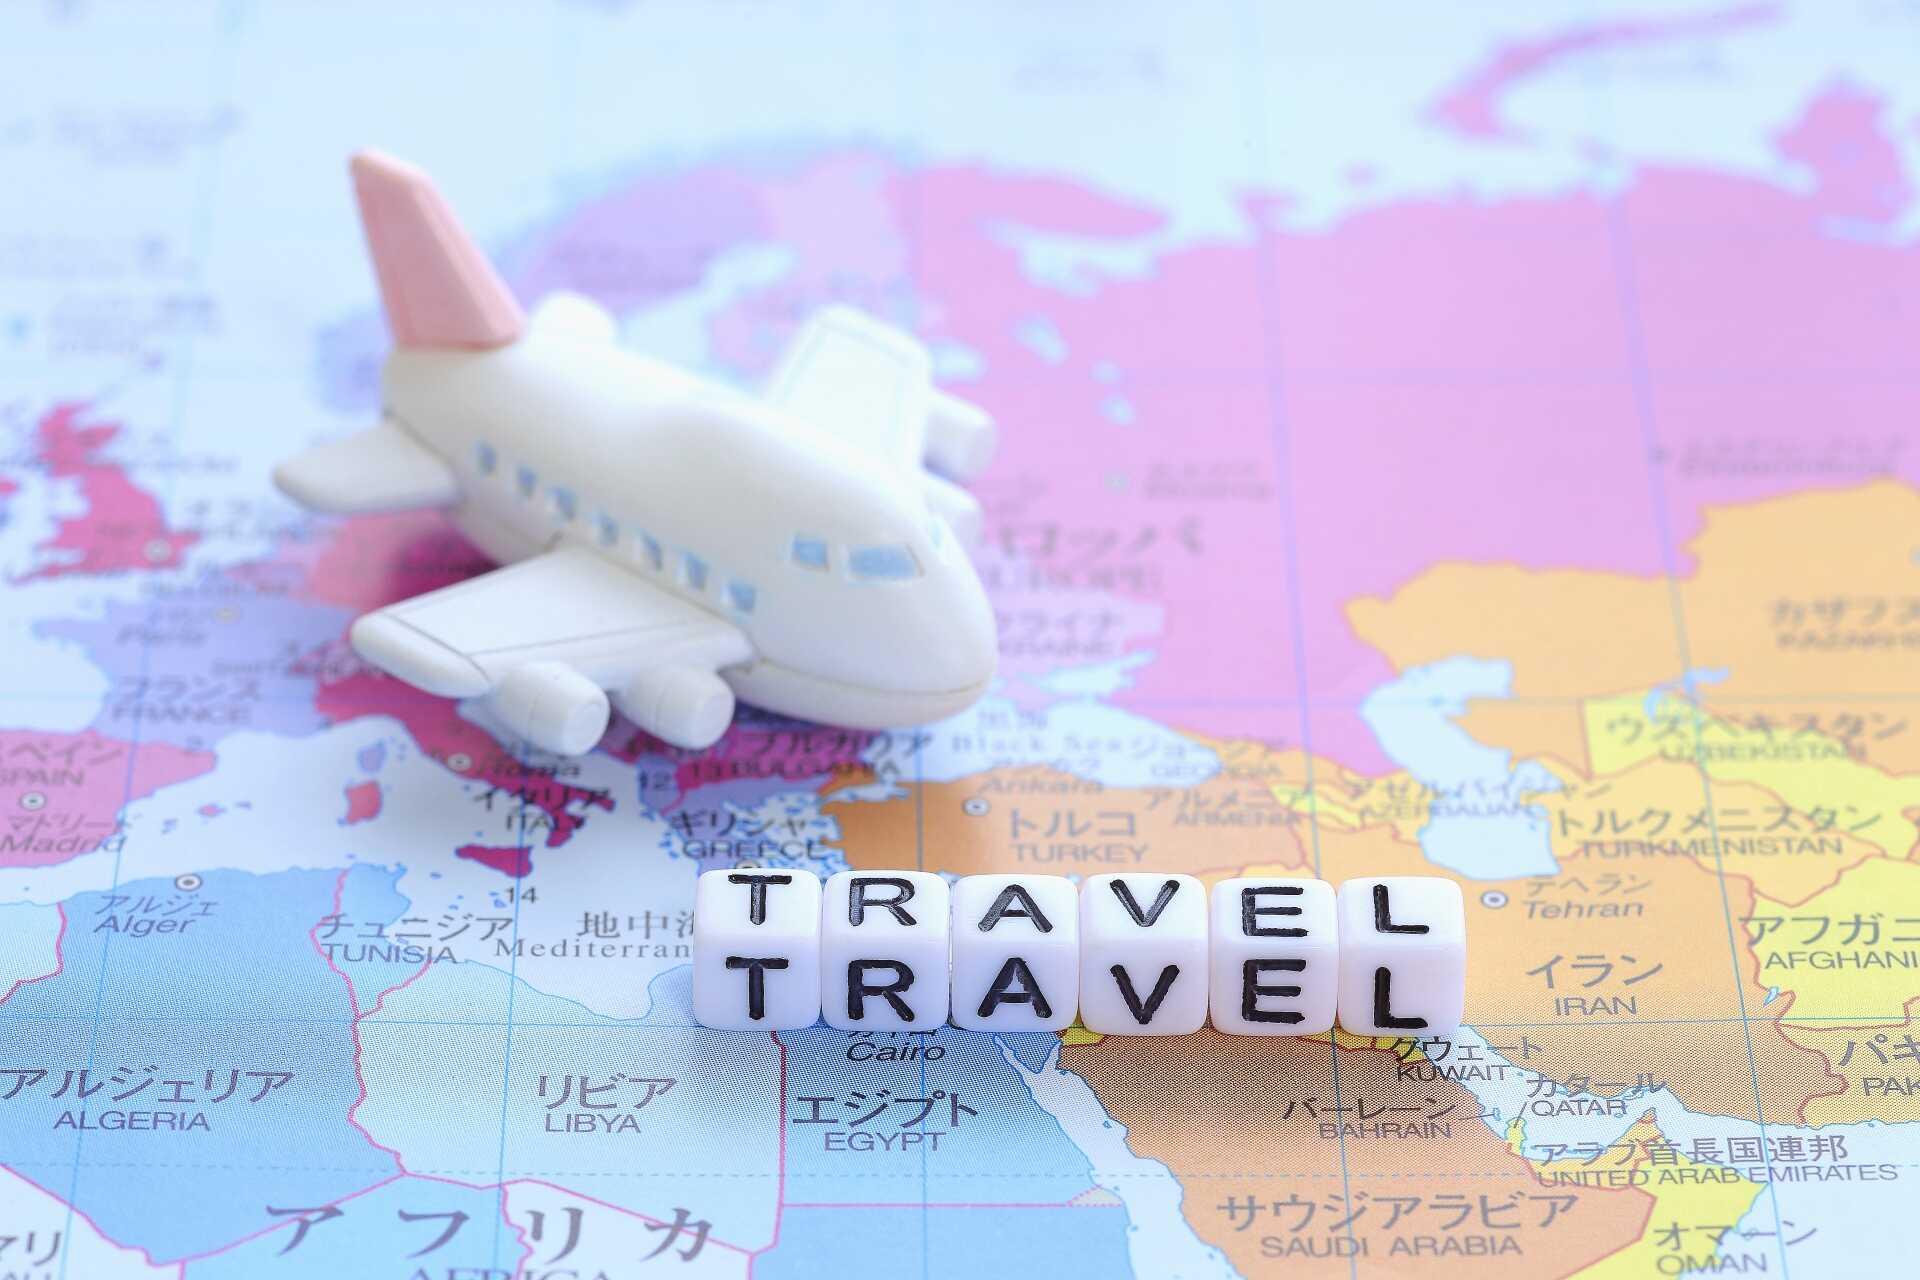 旅行業界への就職はどんな感じ?仕事について理解を深めてから就活しよう!